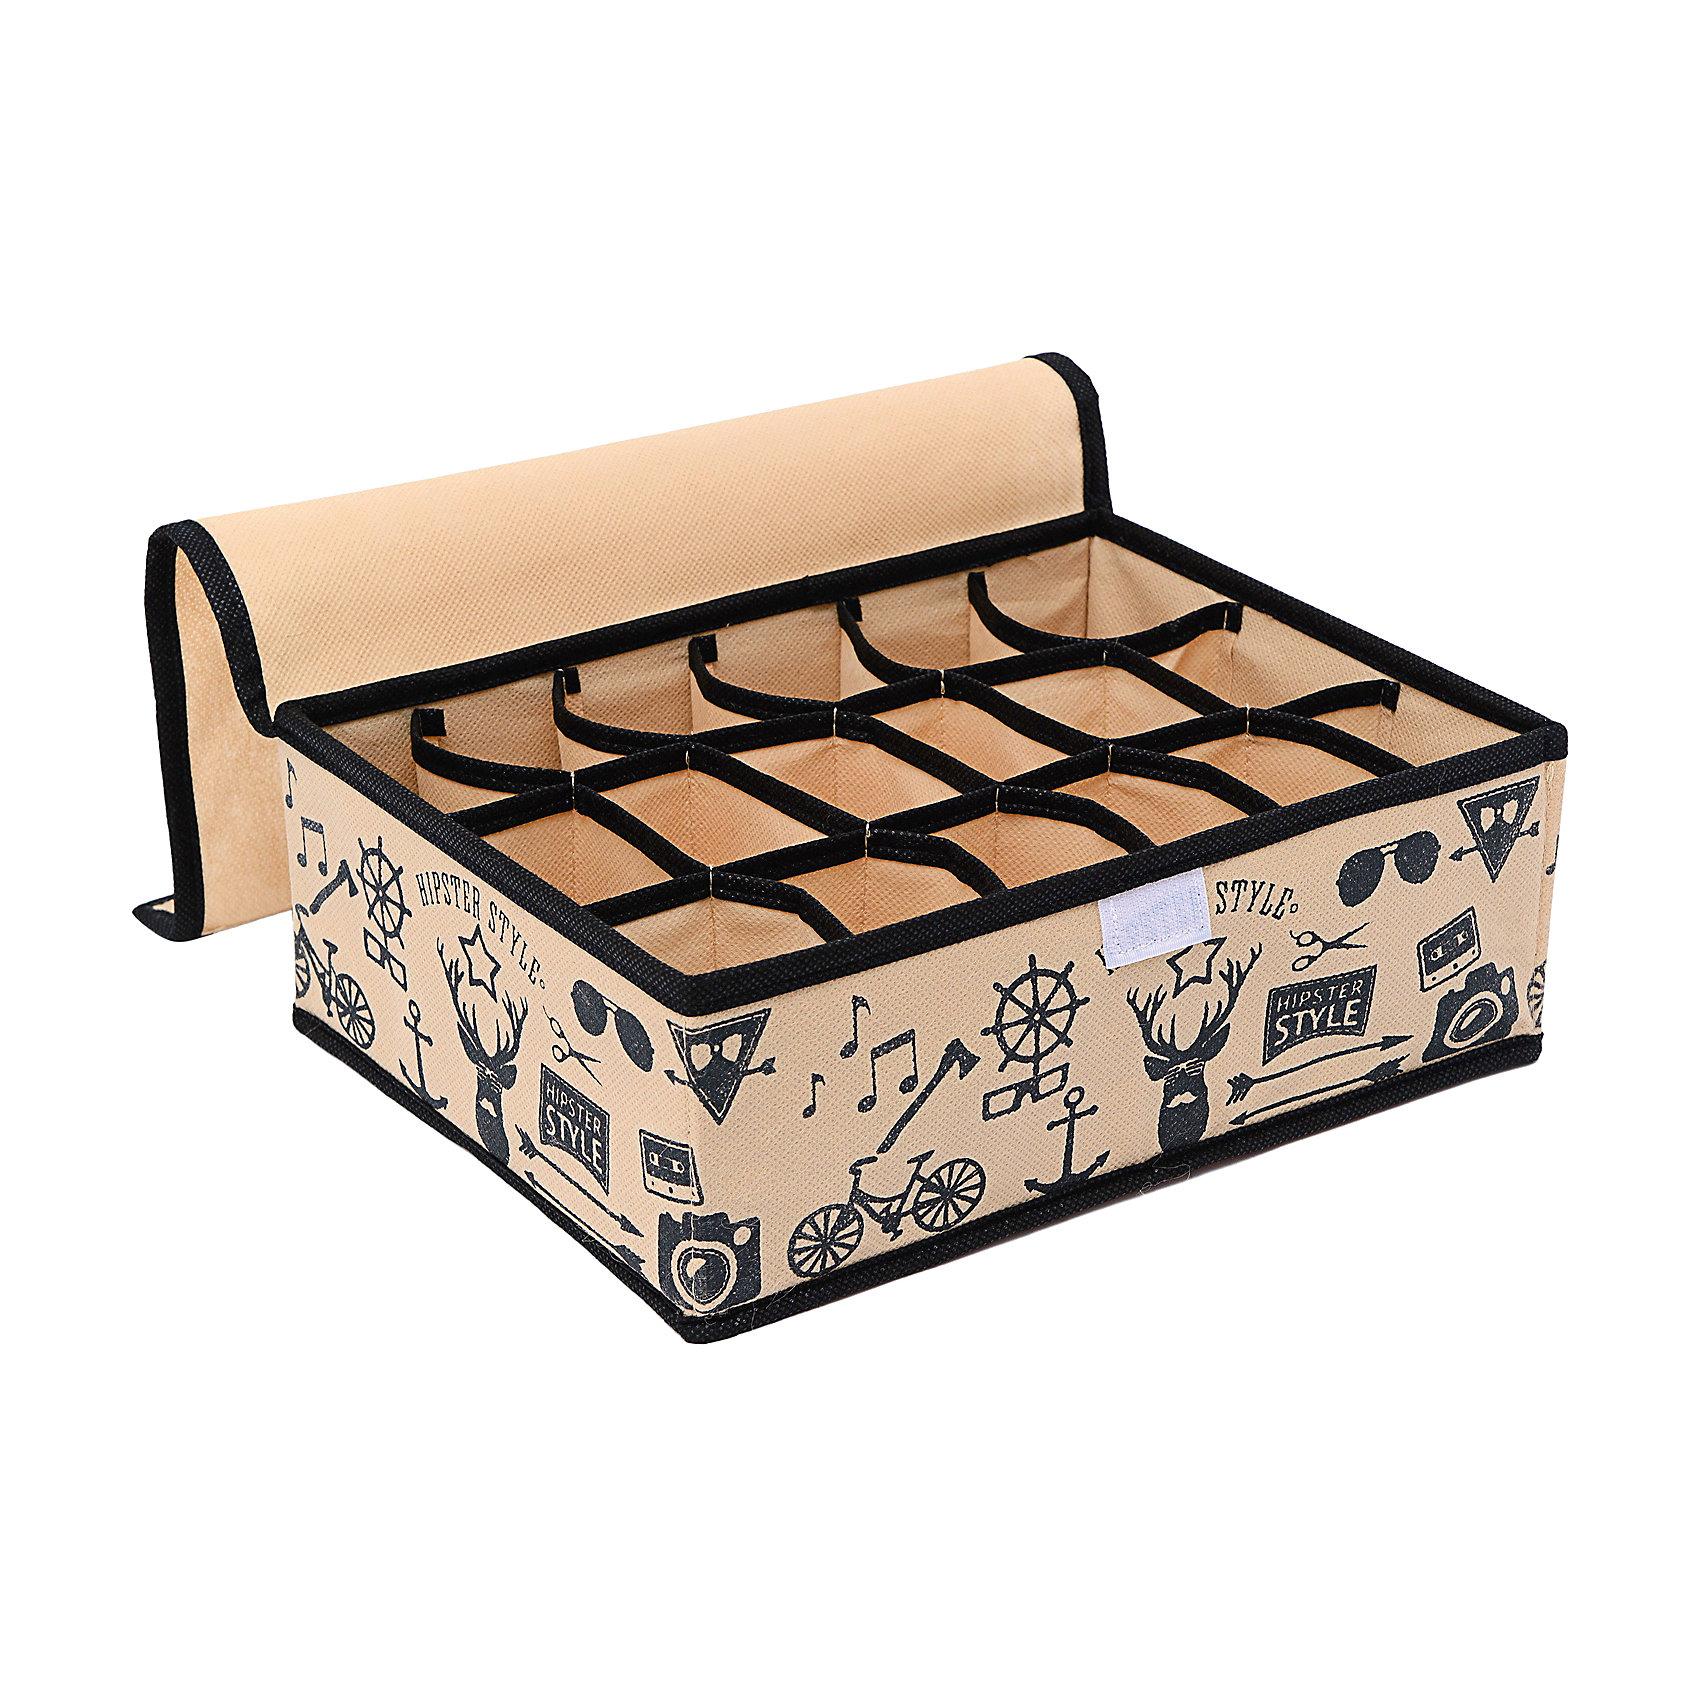 Органайзер на 18 секций (31*24*11) Hipster Style, HomsuПорядок в детской<br>Прямоугольный и плоский органайзер имеет 18 раздельных ячеек размером 7Х5см с крышкой очень удобен для хранения мелких вещей в вашем ящике или на полке. Идеально для носков, платков, галстуков и других вещей ежедневного пользования. Имеет жесткие борта, что является гарантией сохранности вещей. Подходит в шкафы Били от Икея.<br><br>Ширина мм: 530<br>Глубина мм: 110<br>Высота мм: 20<br>Вес г: 200<br>Возраст от месяцев: 216<br>Возраст до месяцев: 1188<br>Пол: Унисекс<br>Возраст: Детский<br>SKU: 5620141